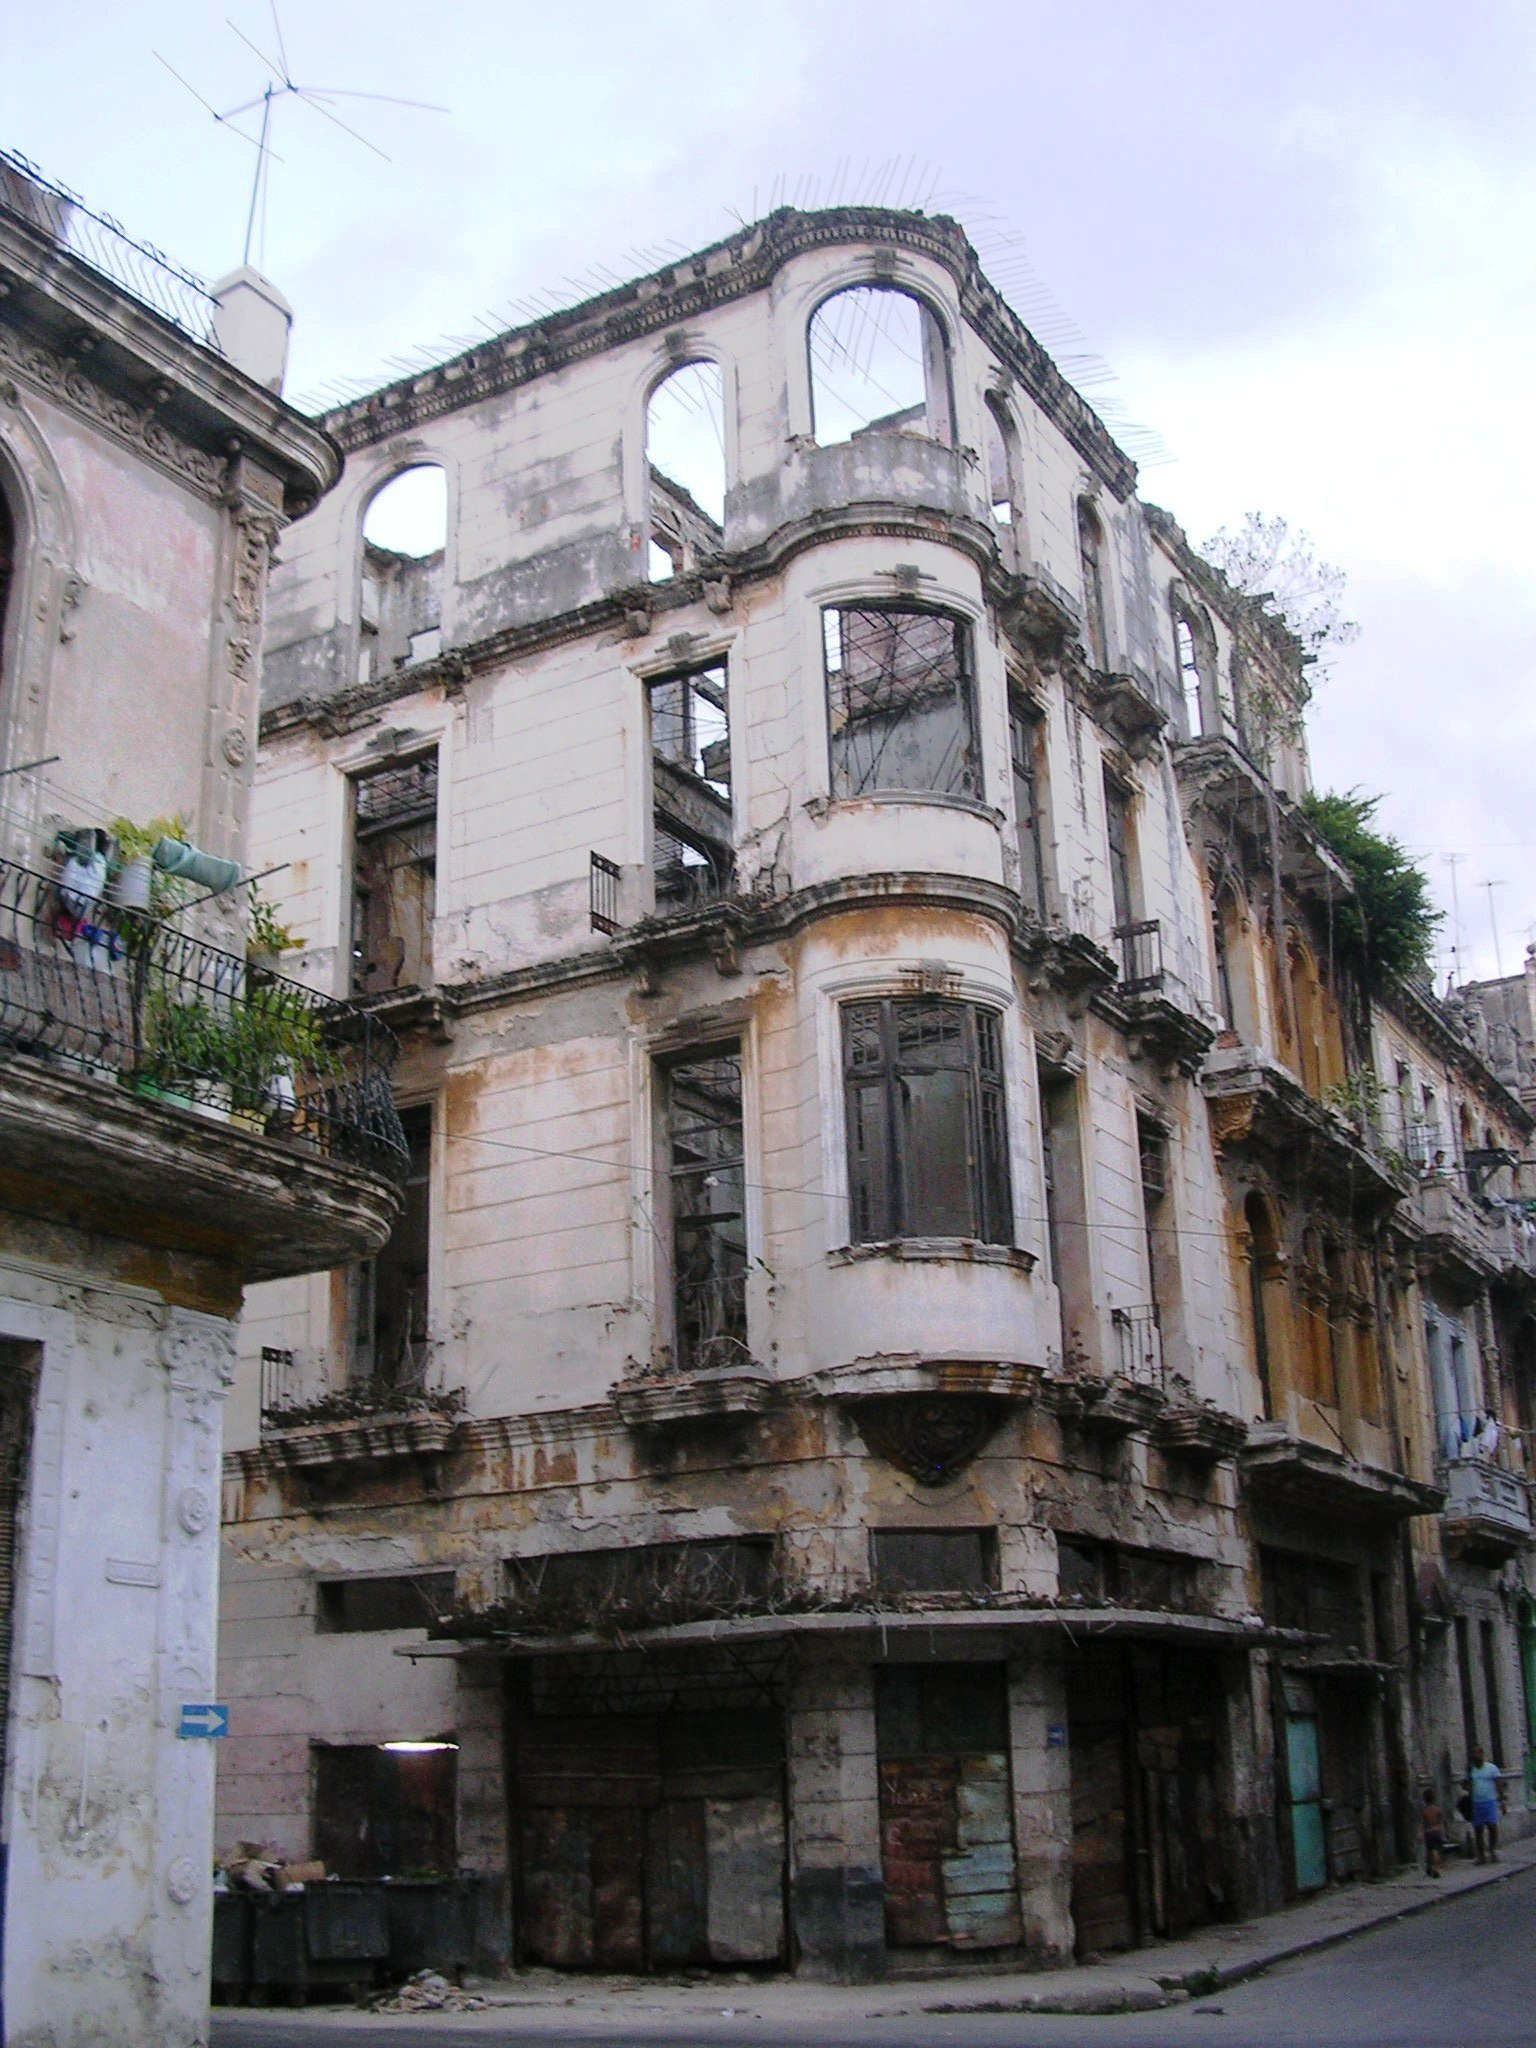 Cuba Apr 2012 091